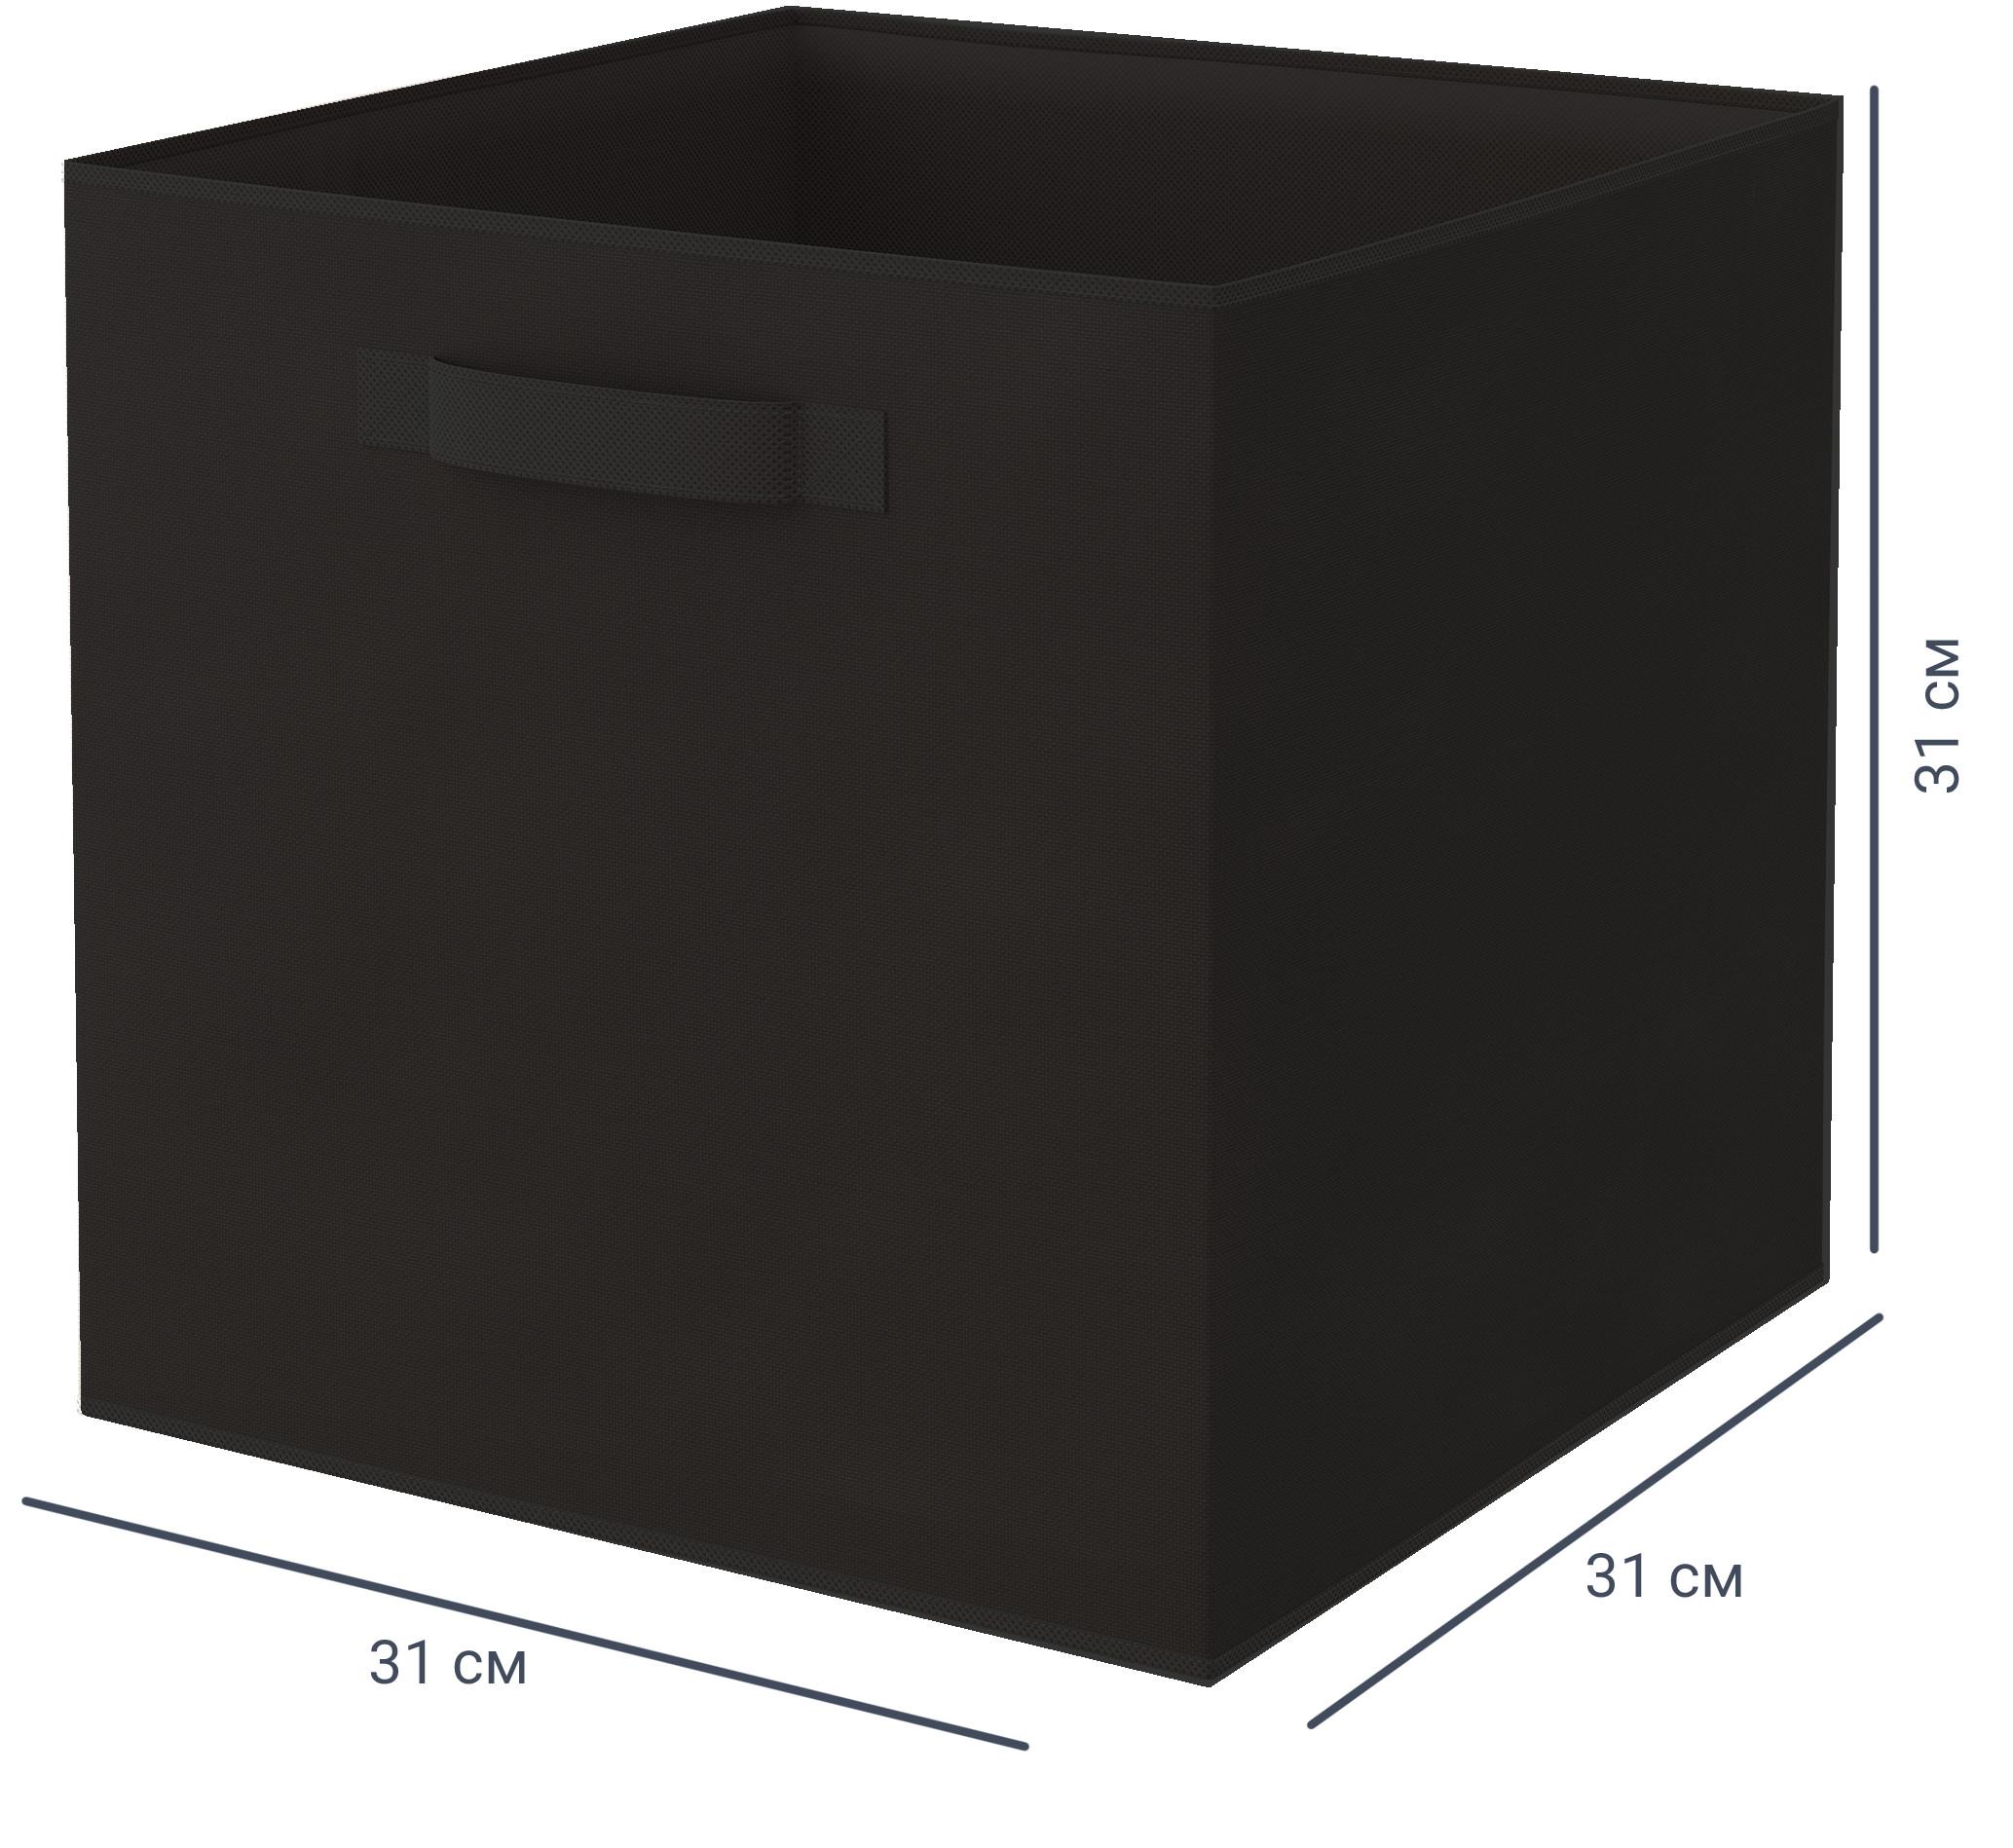 Короб Spaceo Paris, 310х310х310 мм, 29.7 л, полиэстер, цвет чёрный